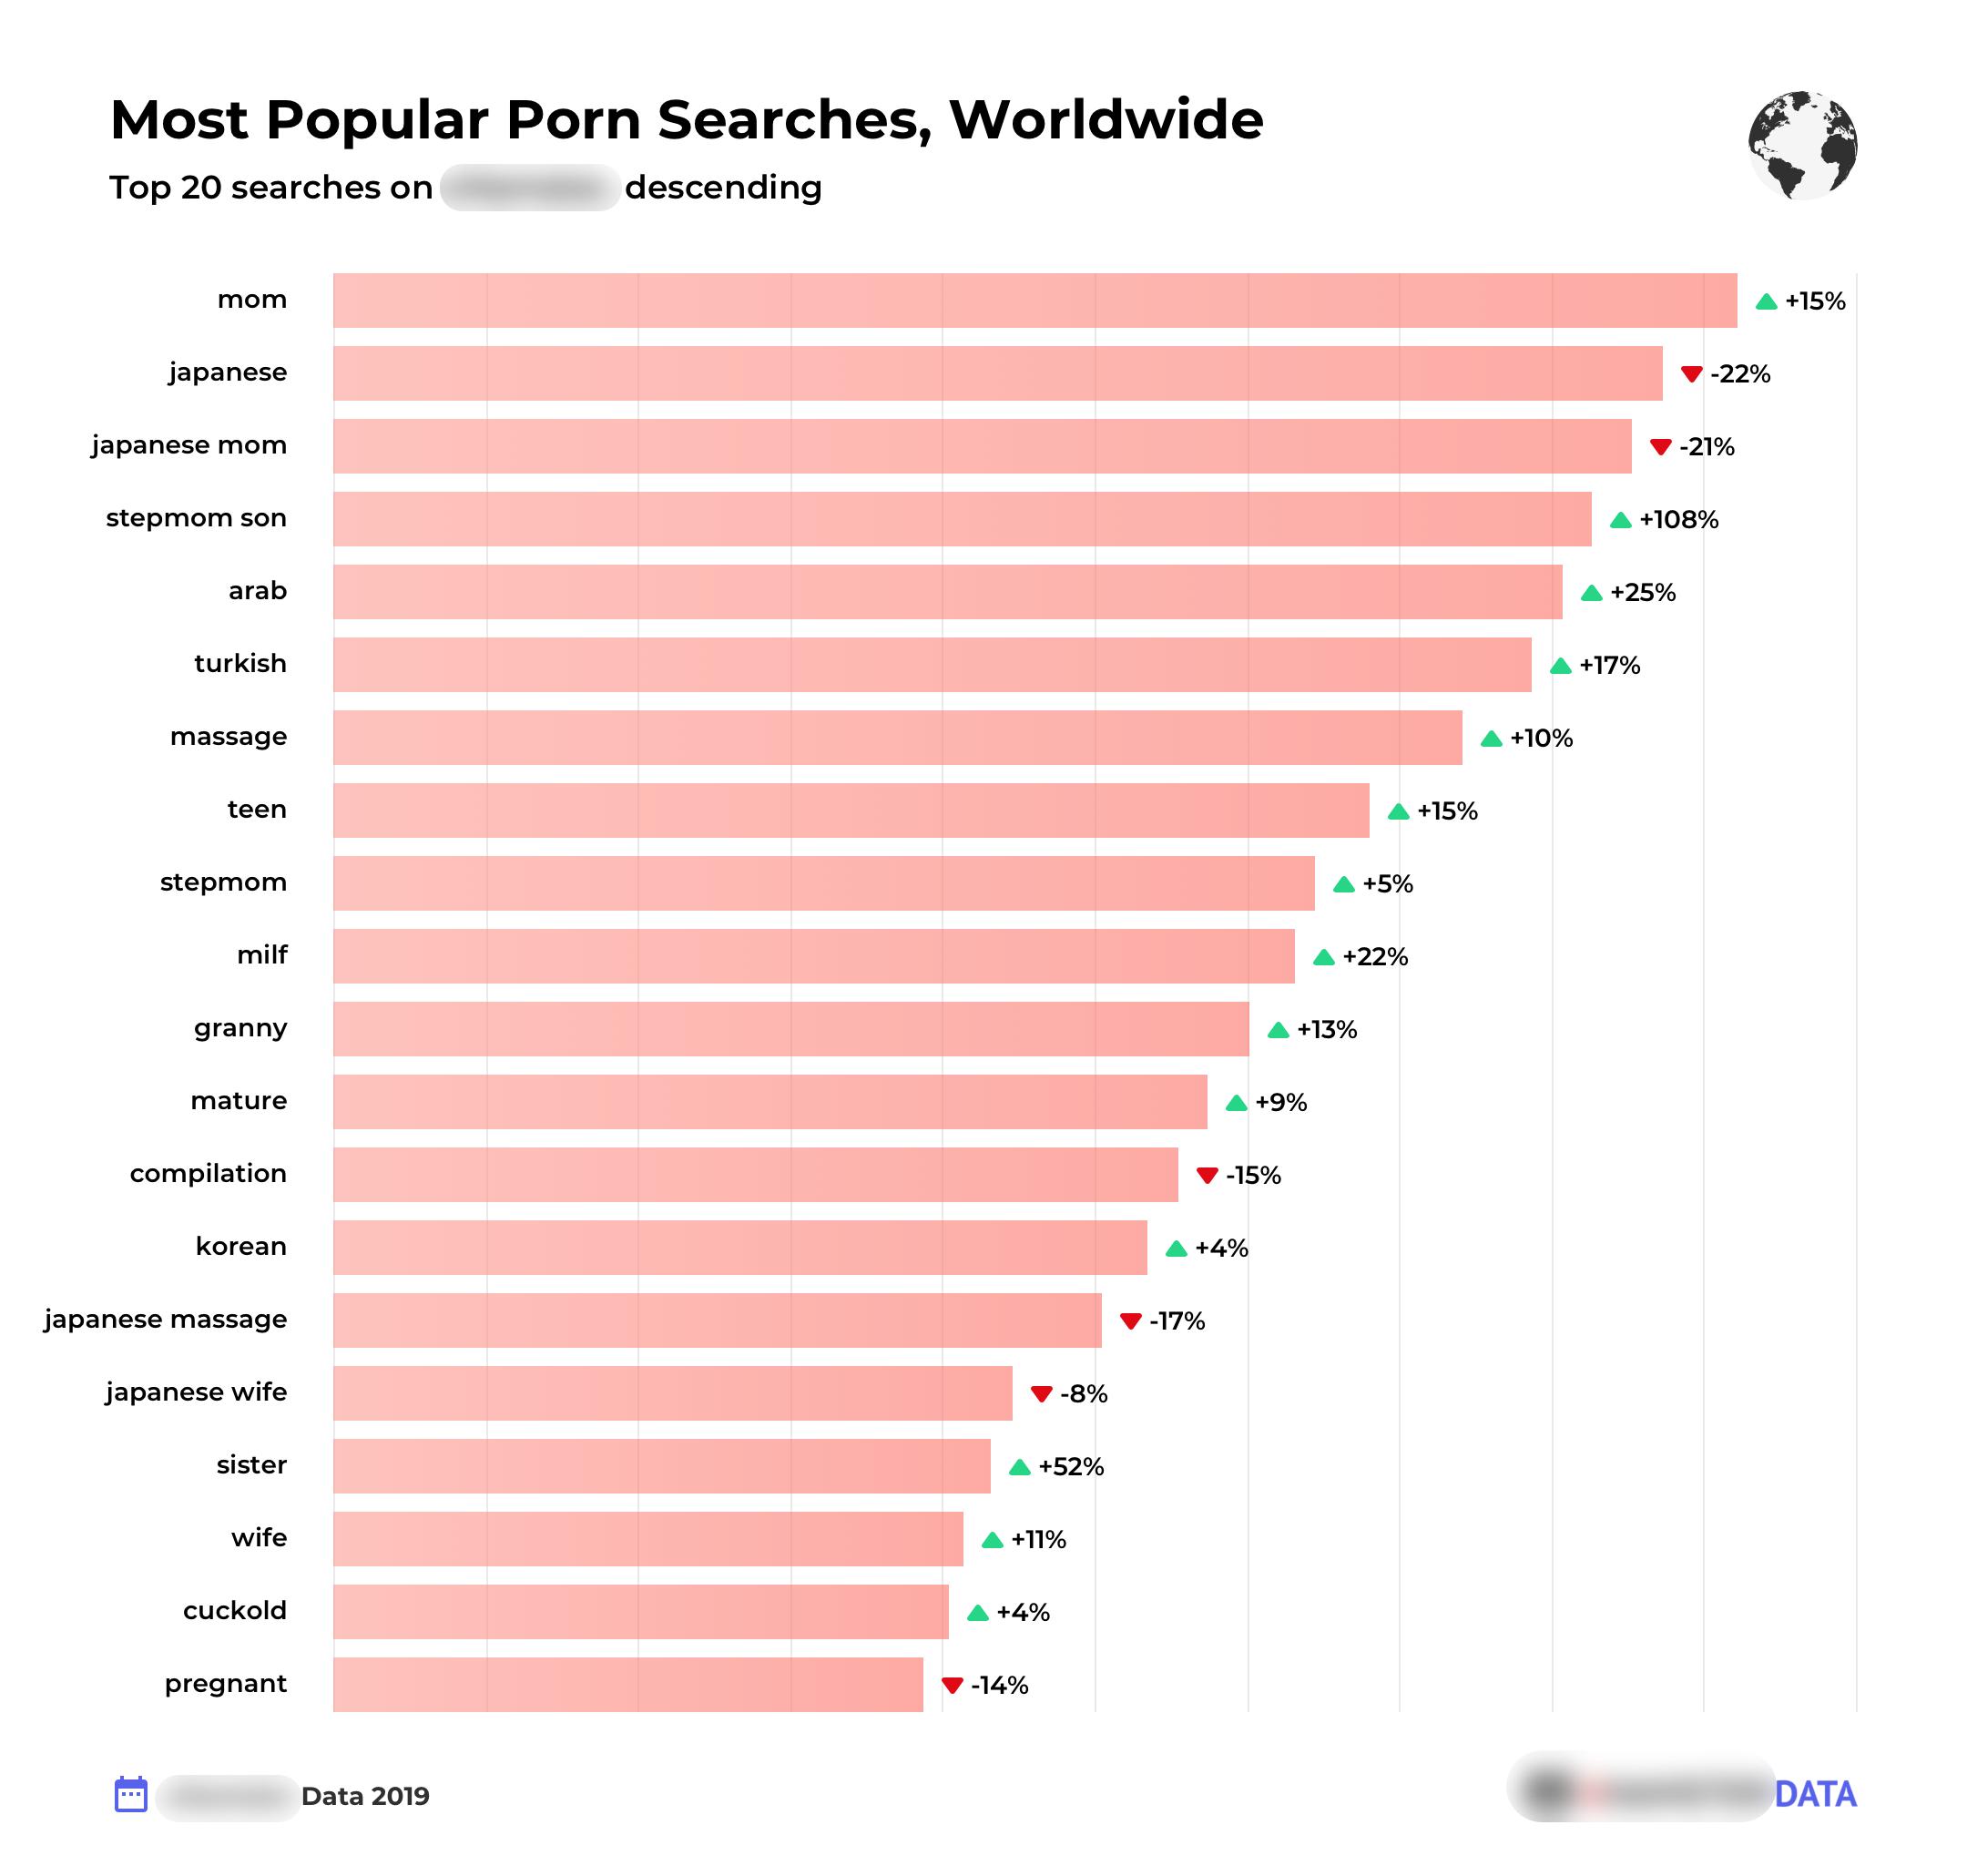 Biggest porn search